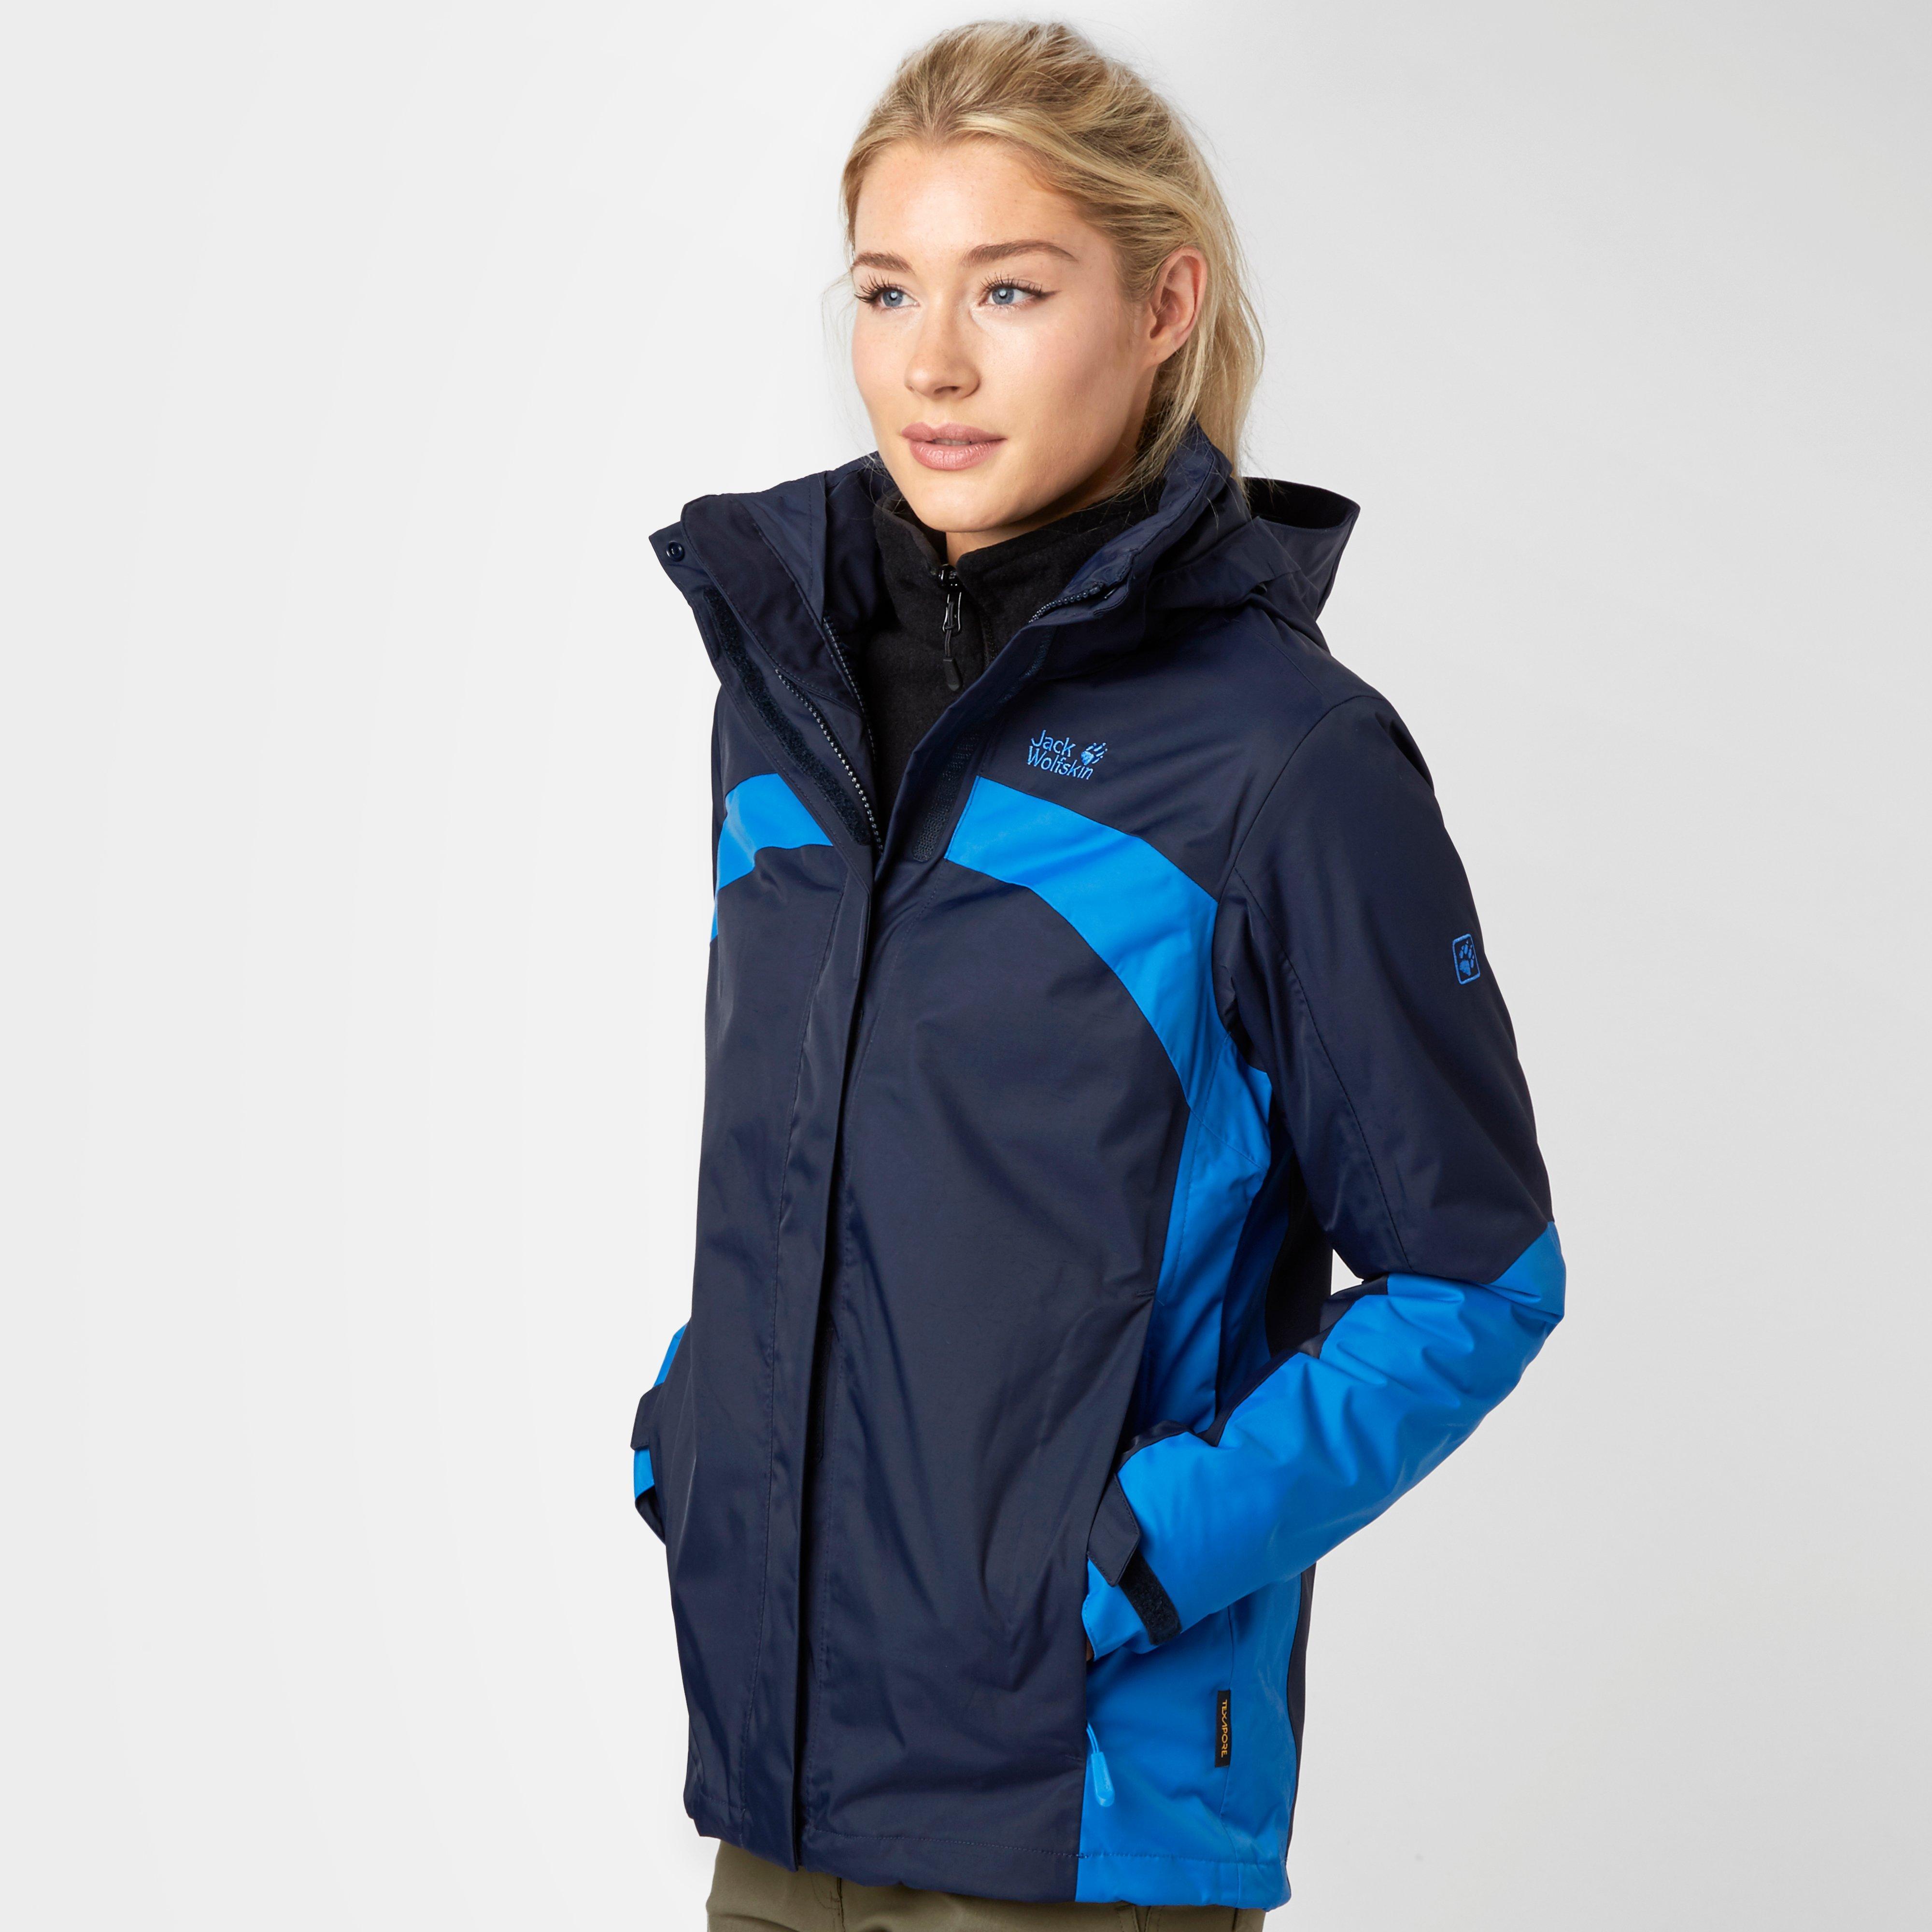 jack wolfskin womens coat sale